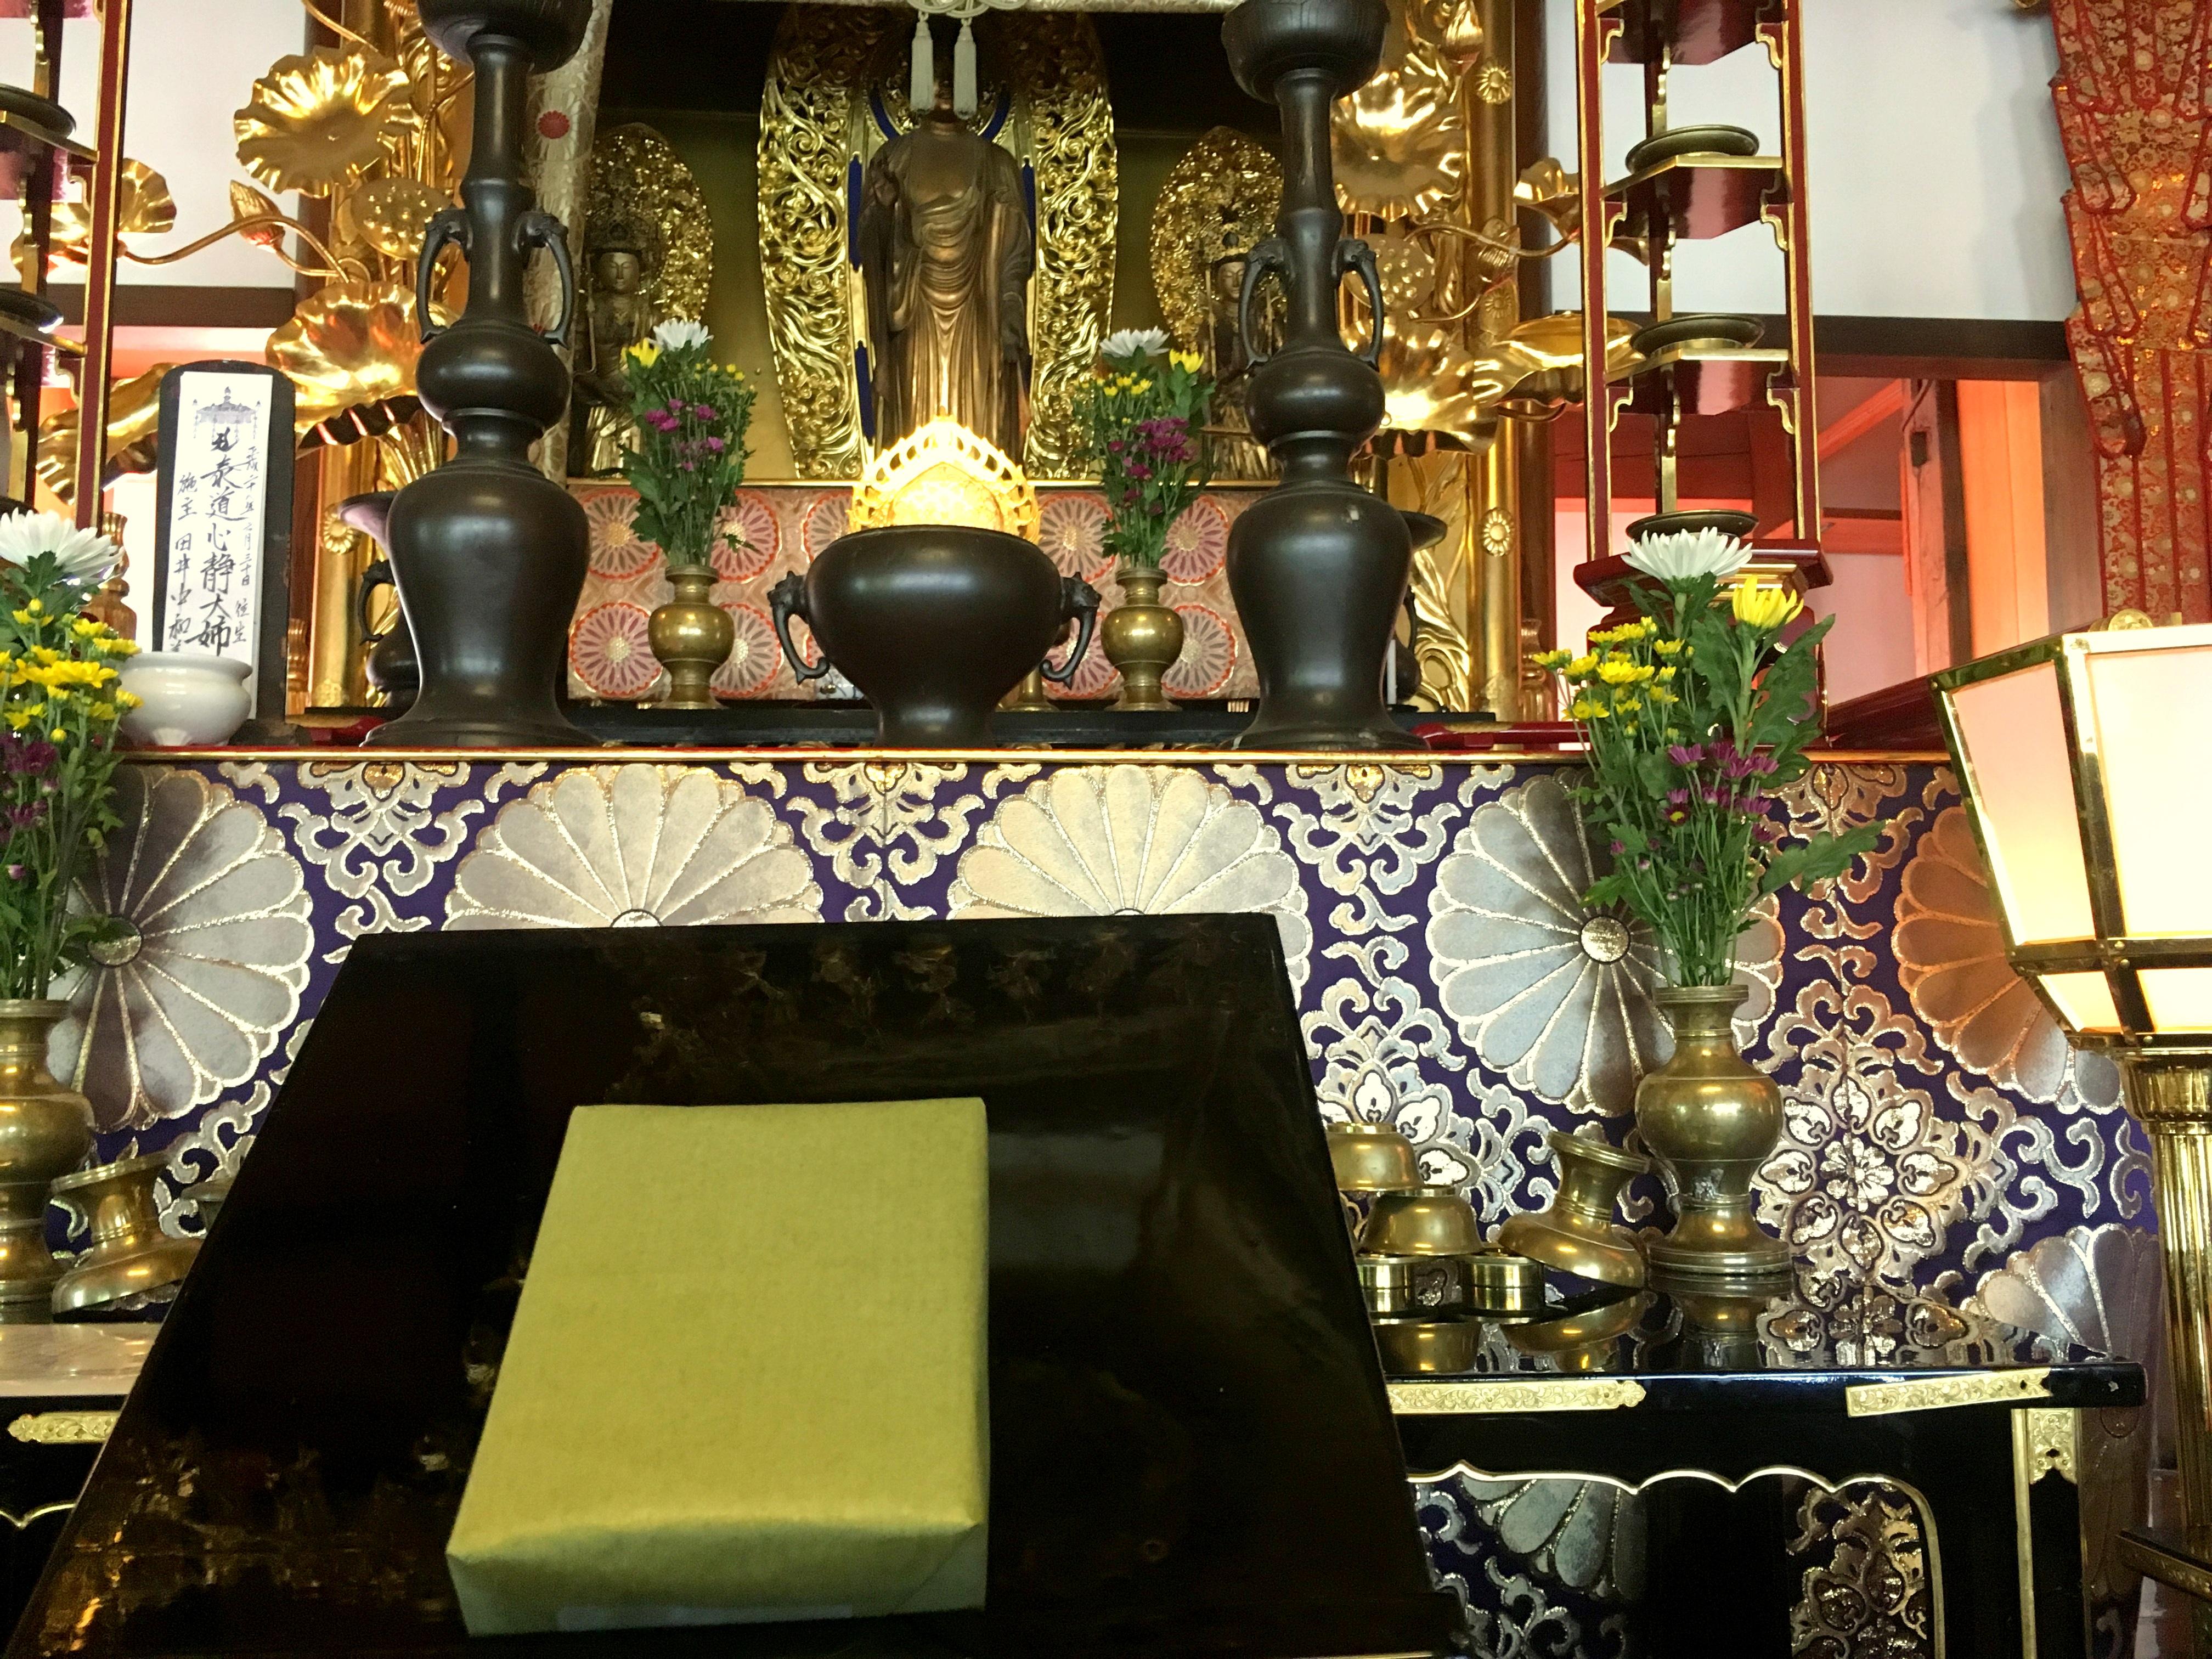 450年以上続くお寺でお参りの後にお香をお渡しします